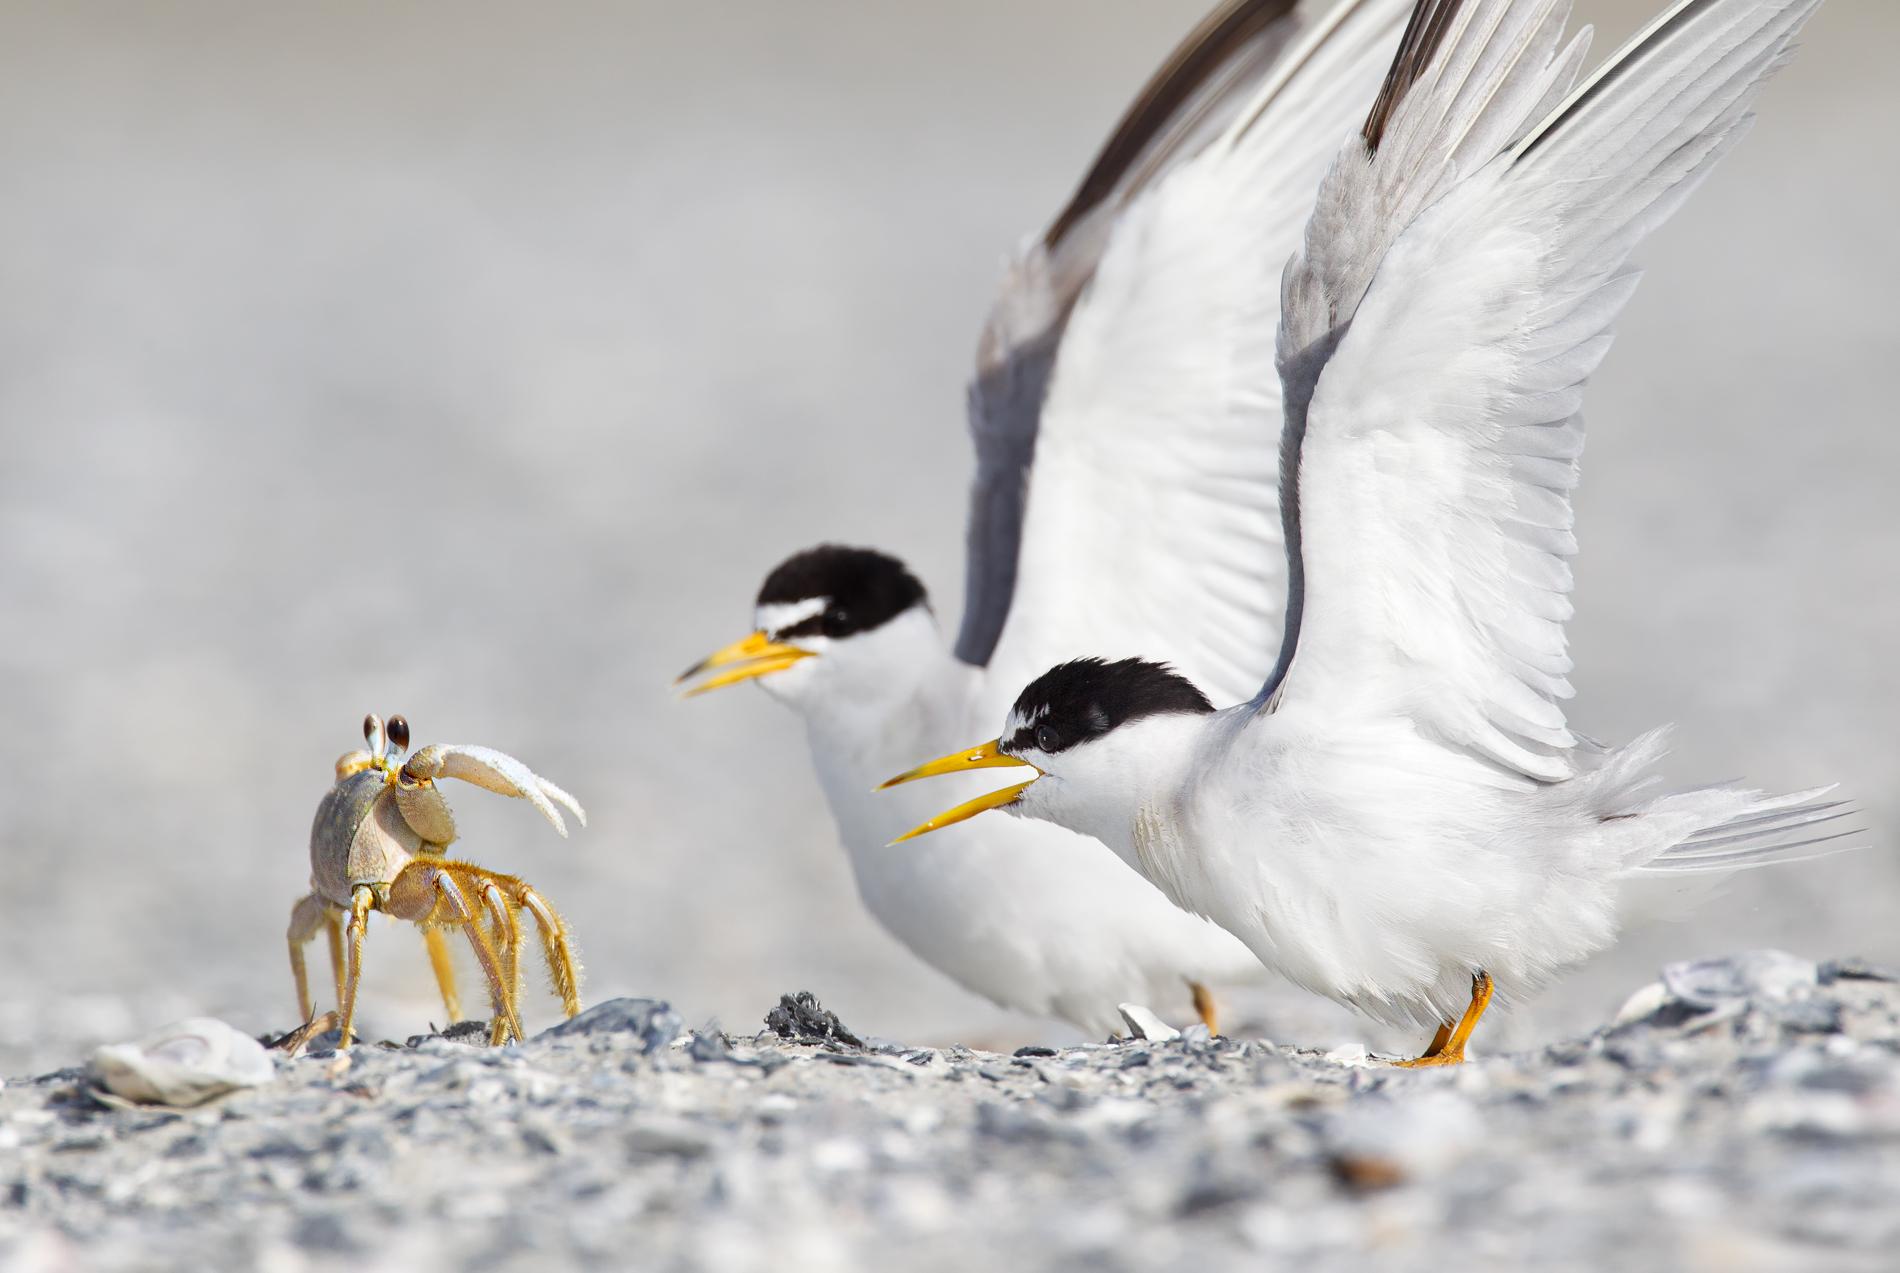 پرستوی دریایی در تلاش برای شکار خرچنگ روح + عکس